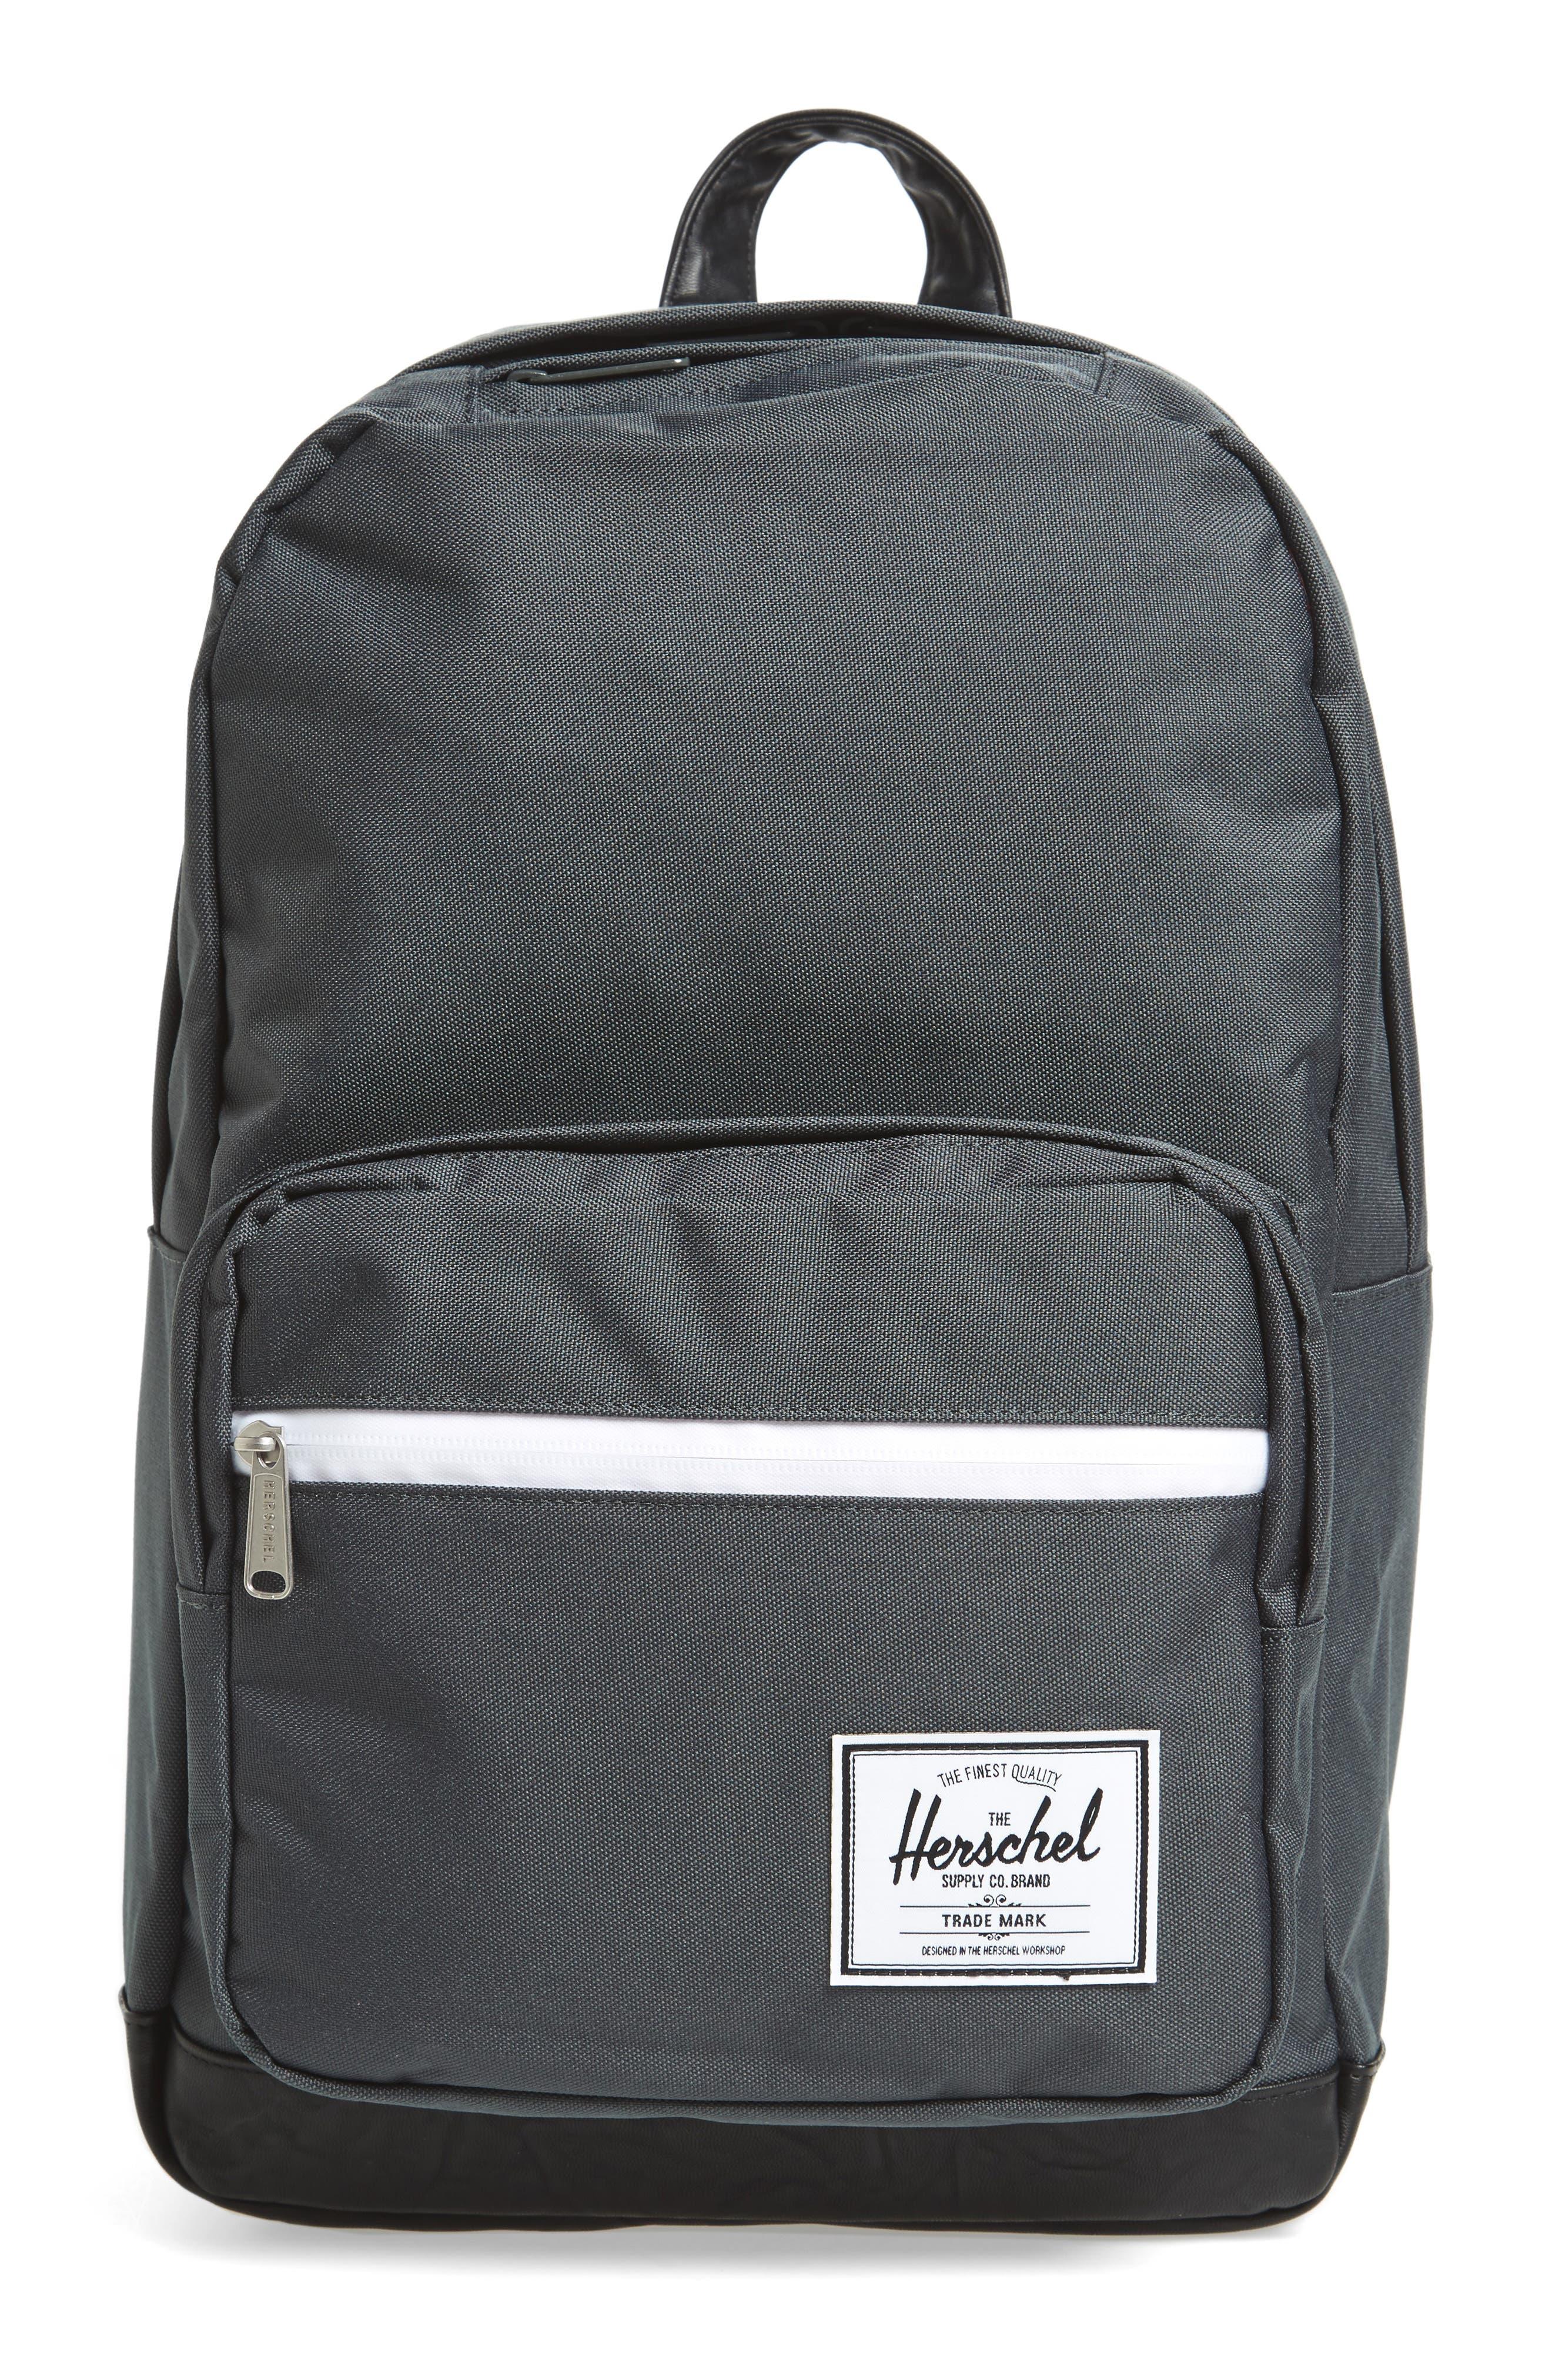 HERSCHEL SUPPLY CO. 'Pop Quiz' Backpack, Main, color, 081